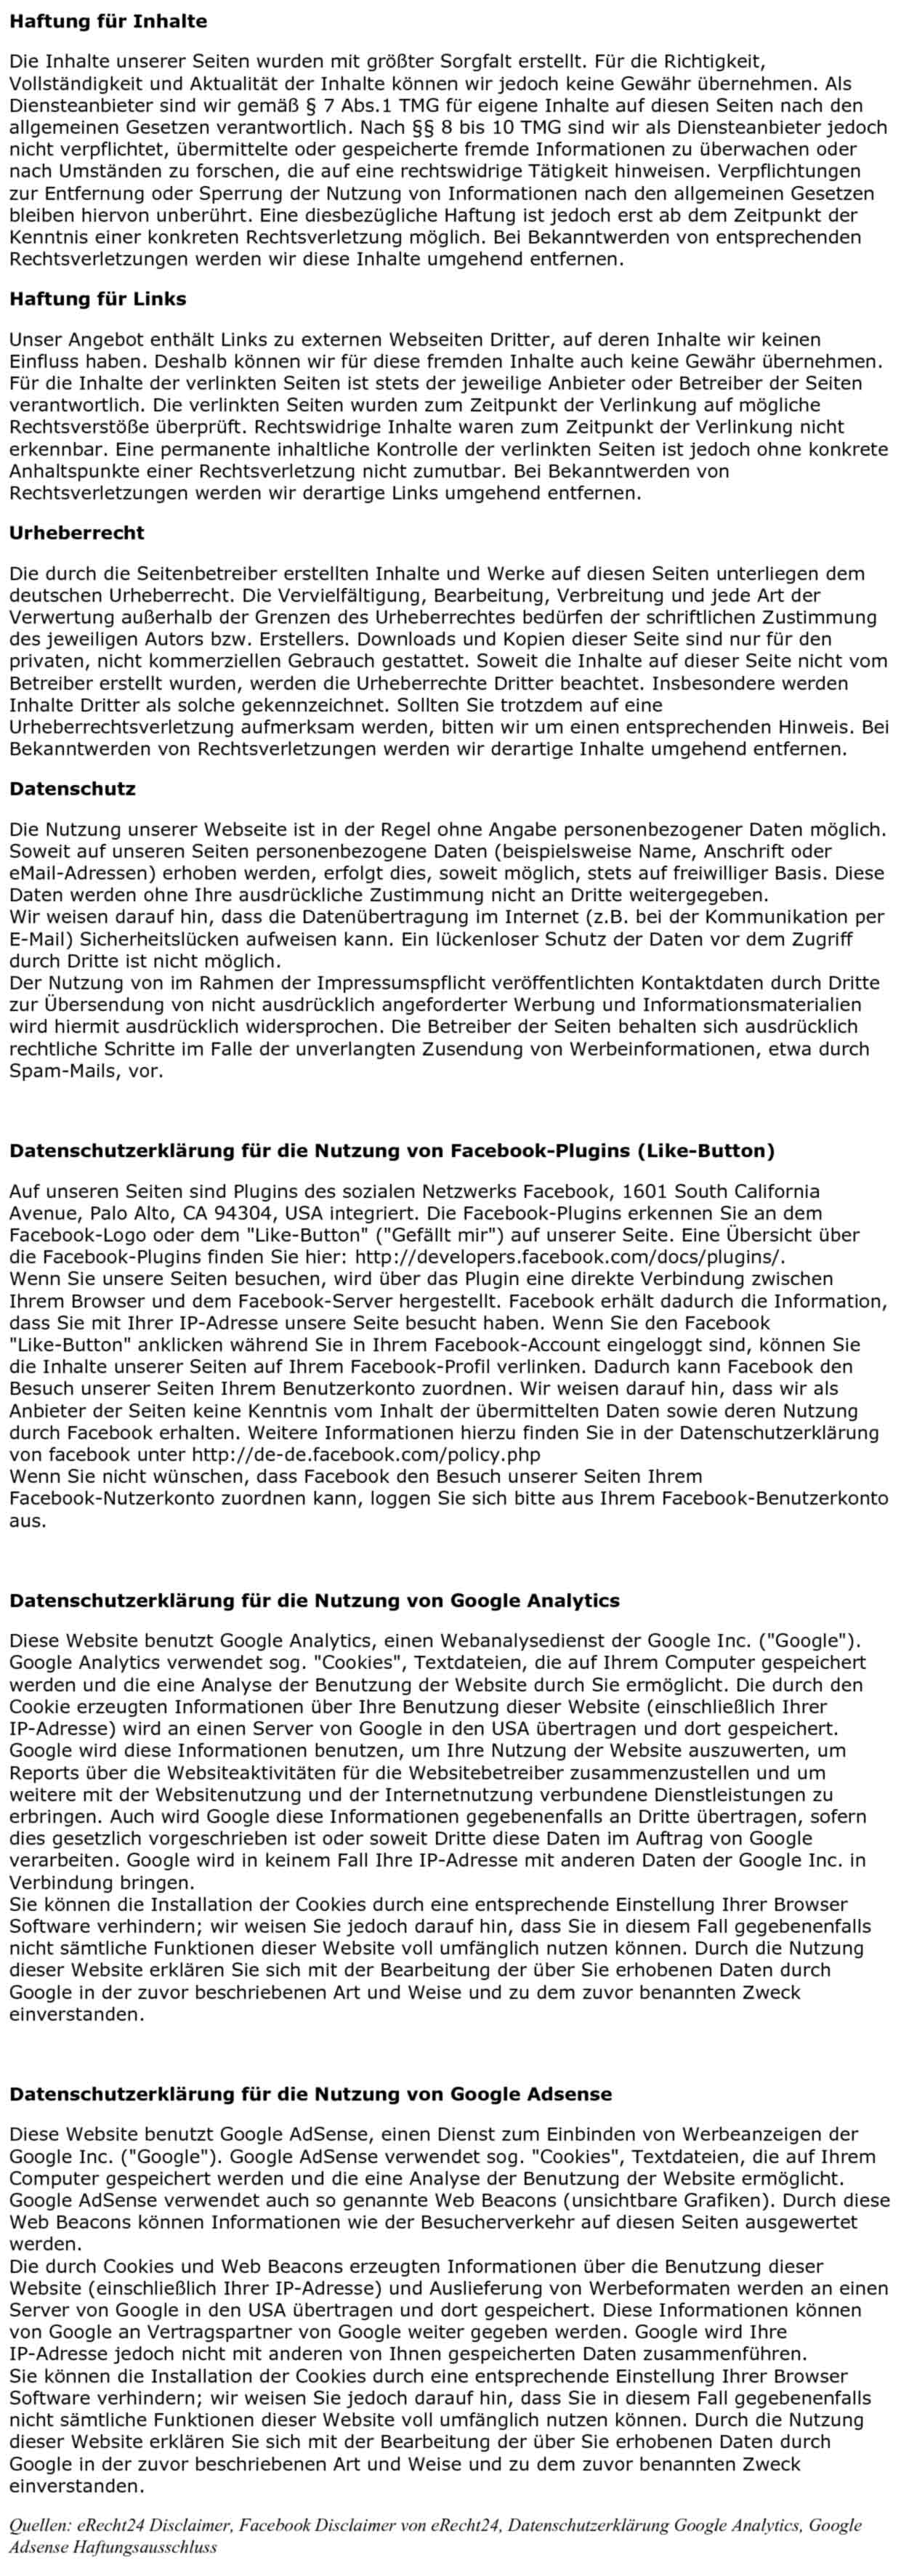 www.fffw.de